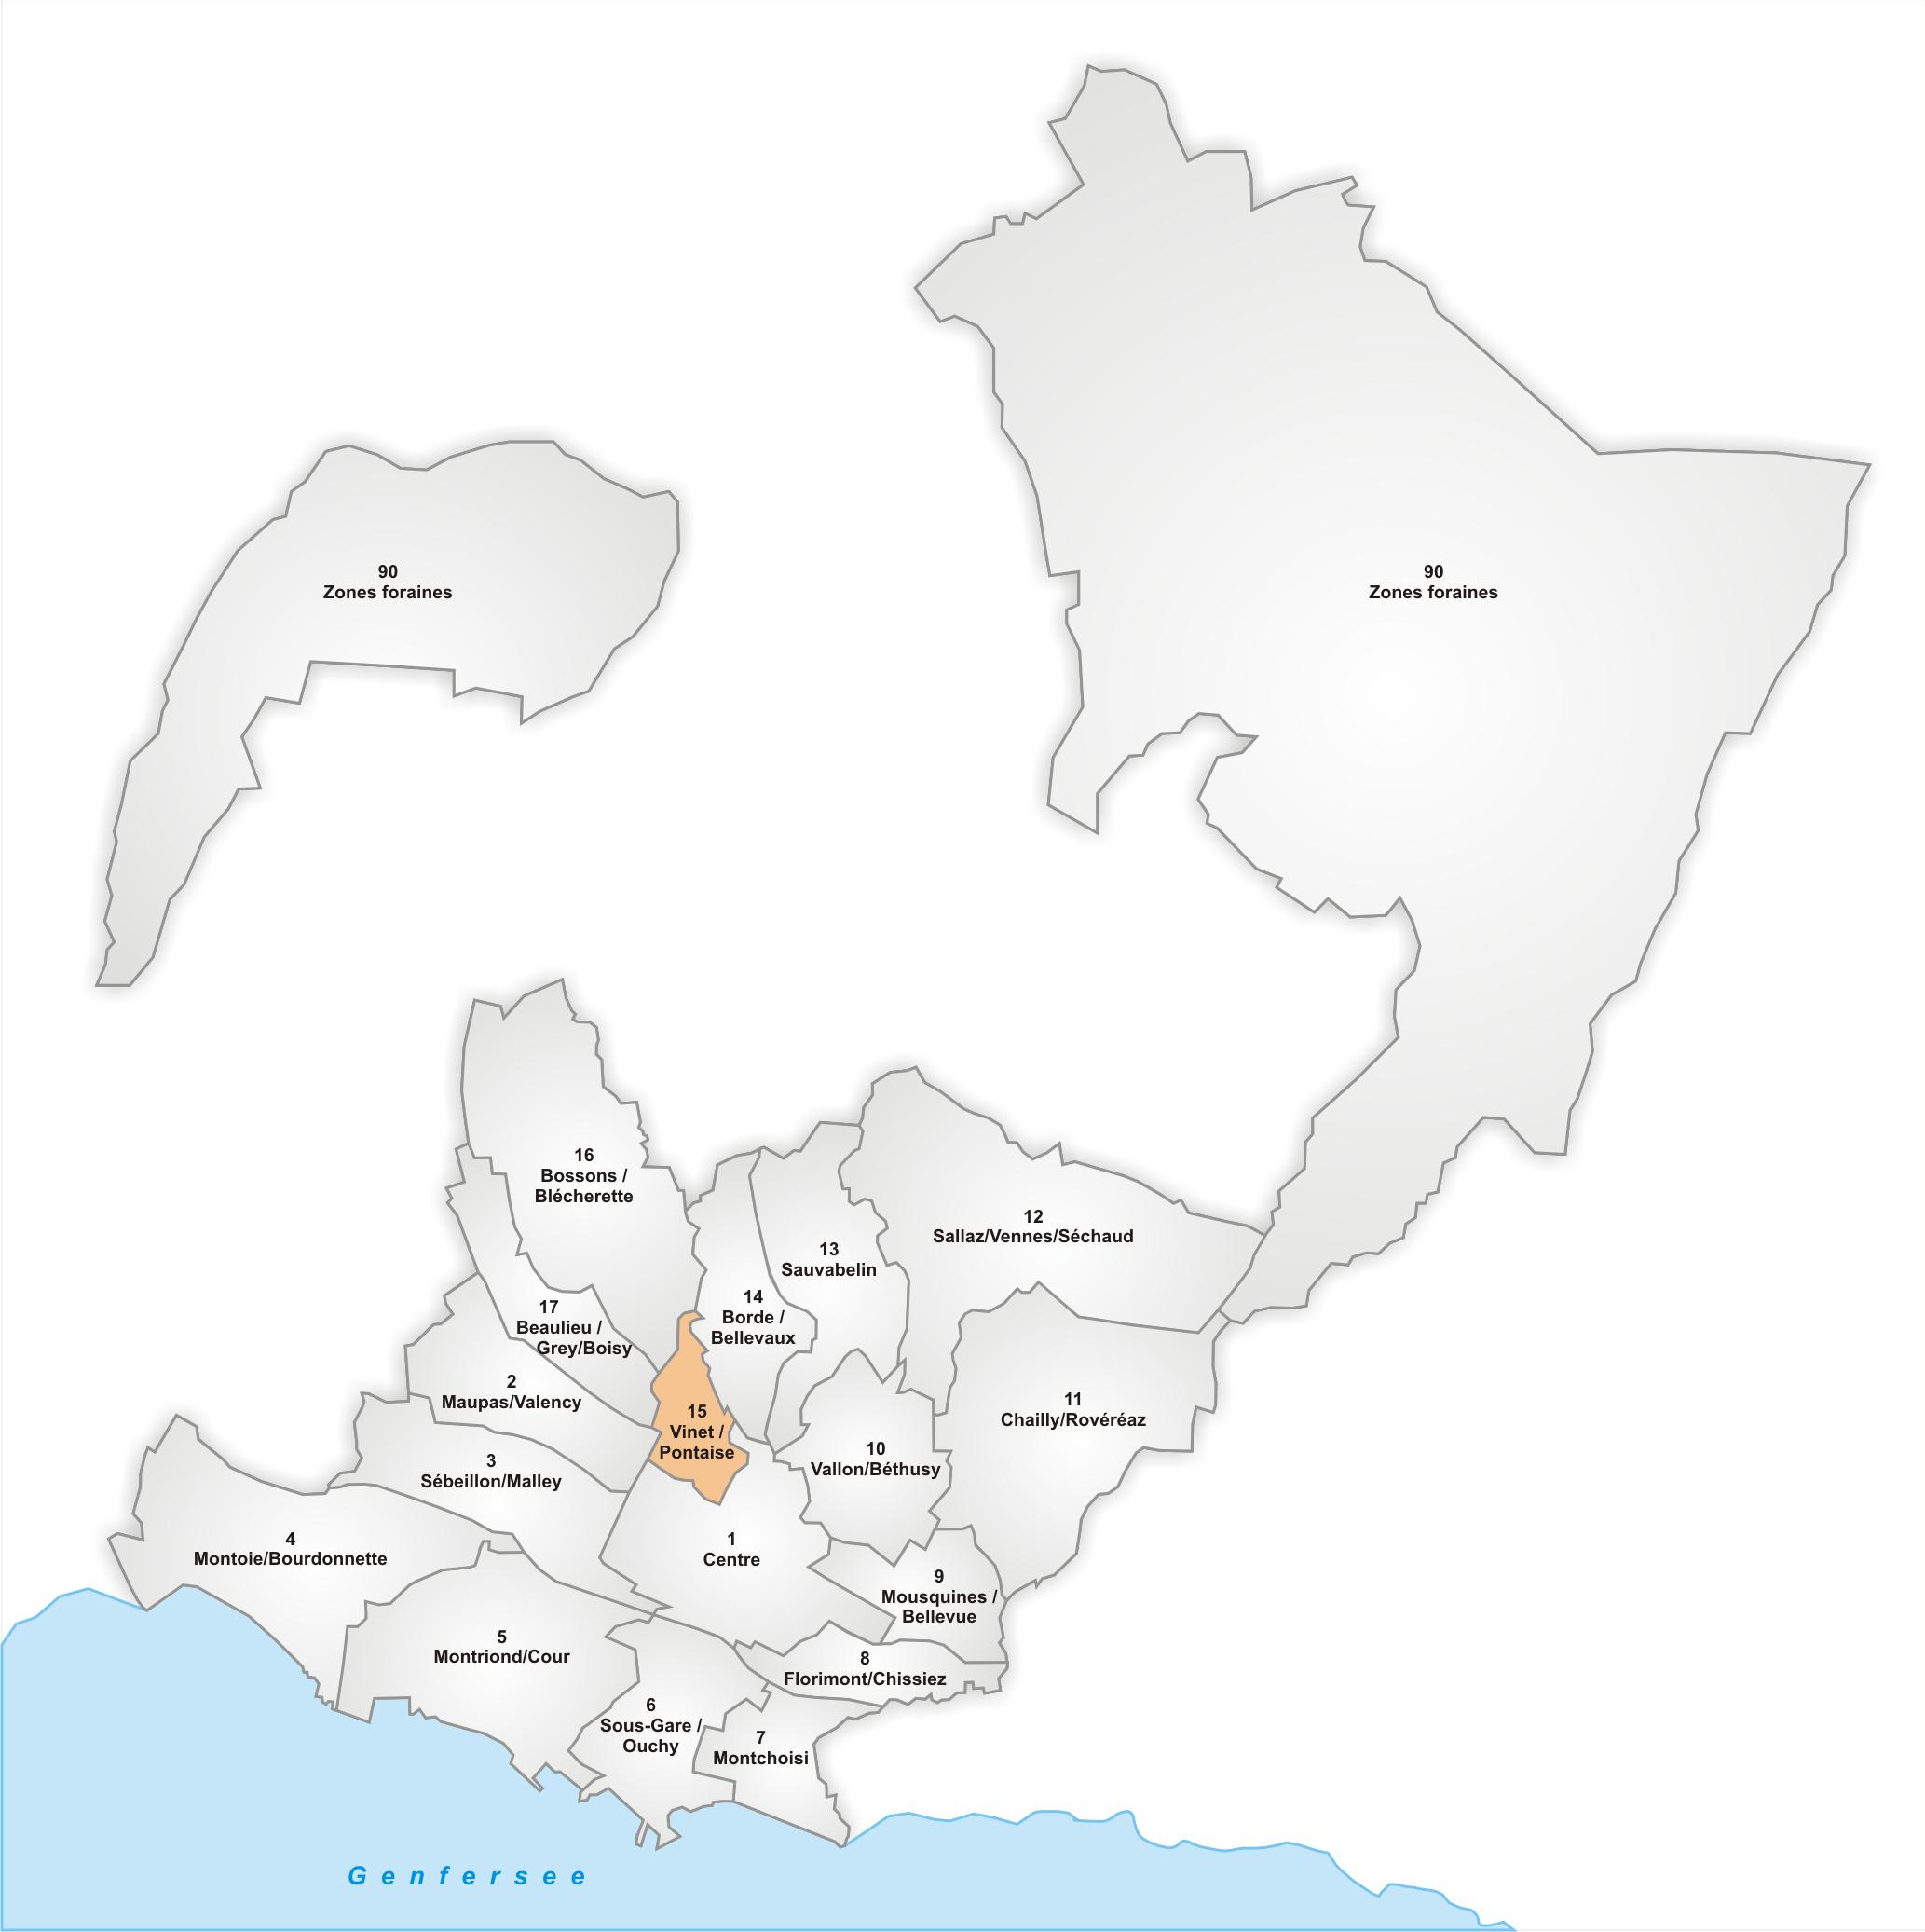 Lage des Stadtteils Vinet/Pontaise